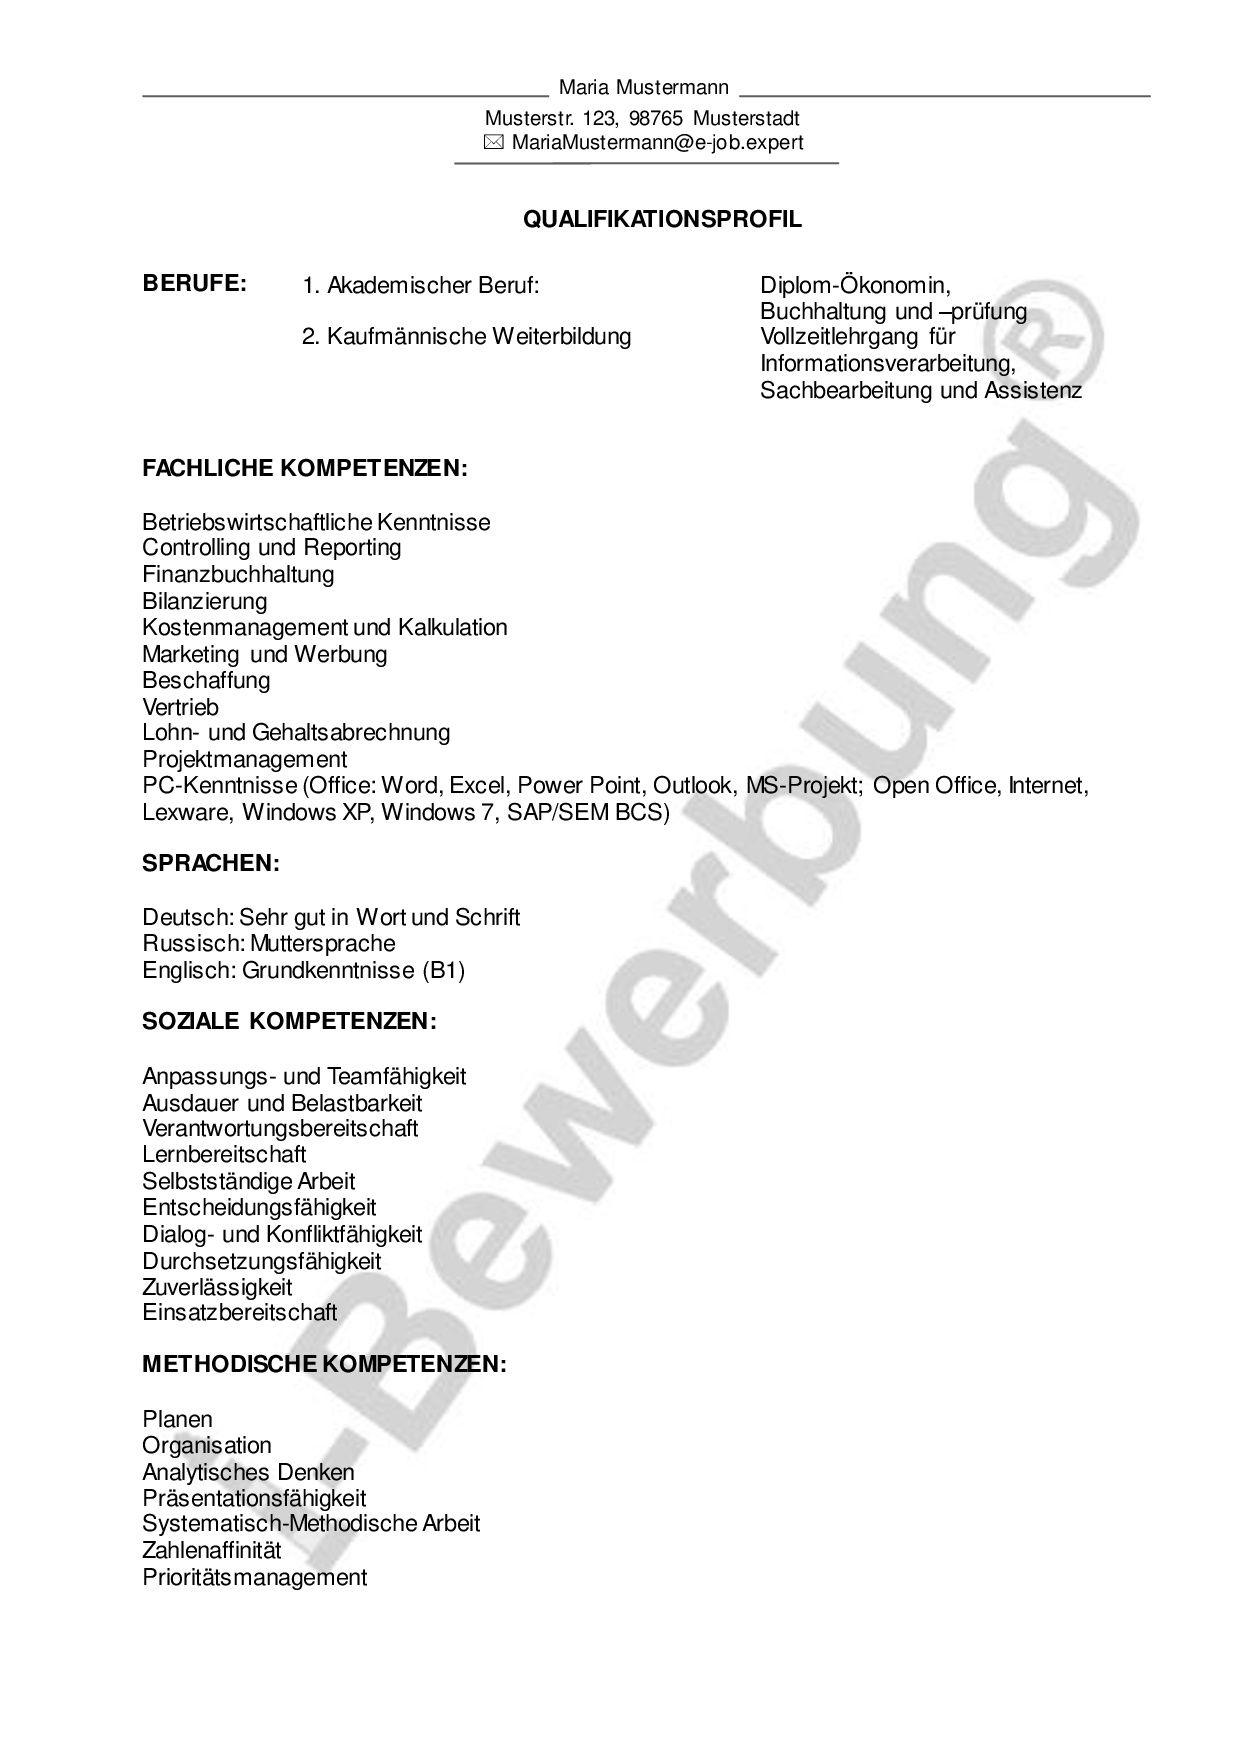 Vorlage für das Kurzprofil (Qualifikationsprofil) zur i ...